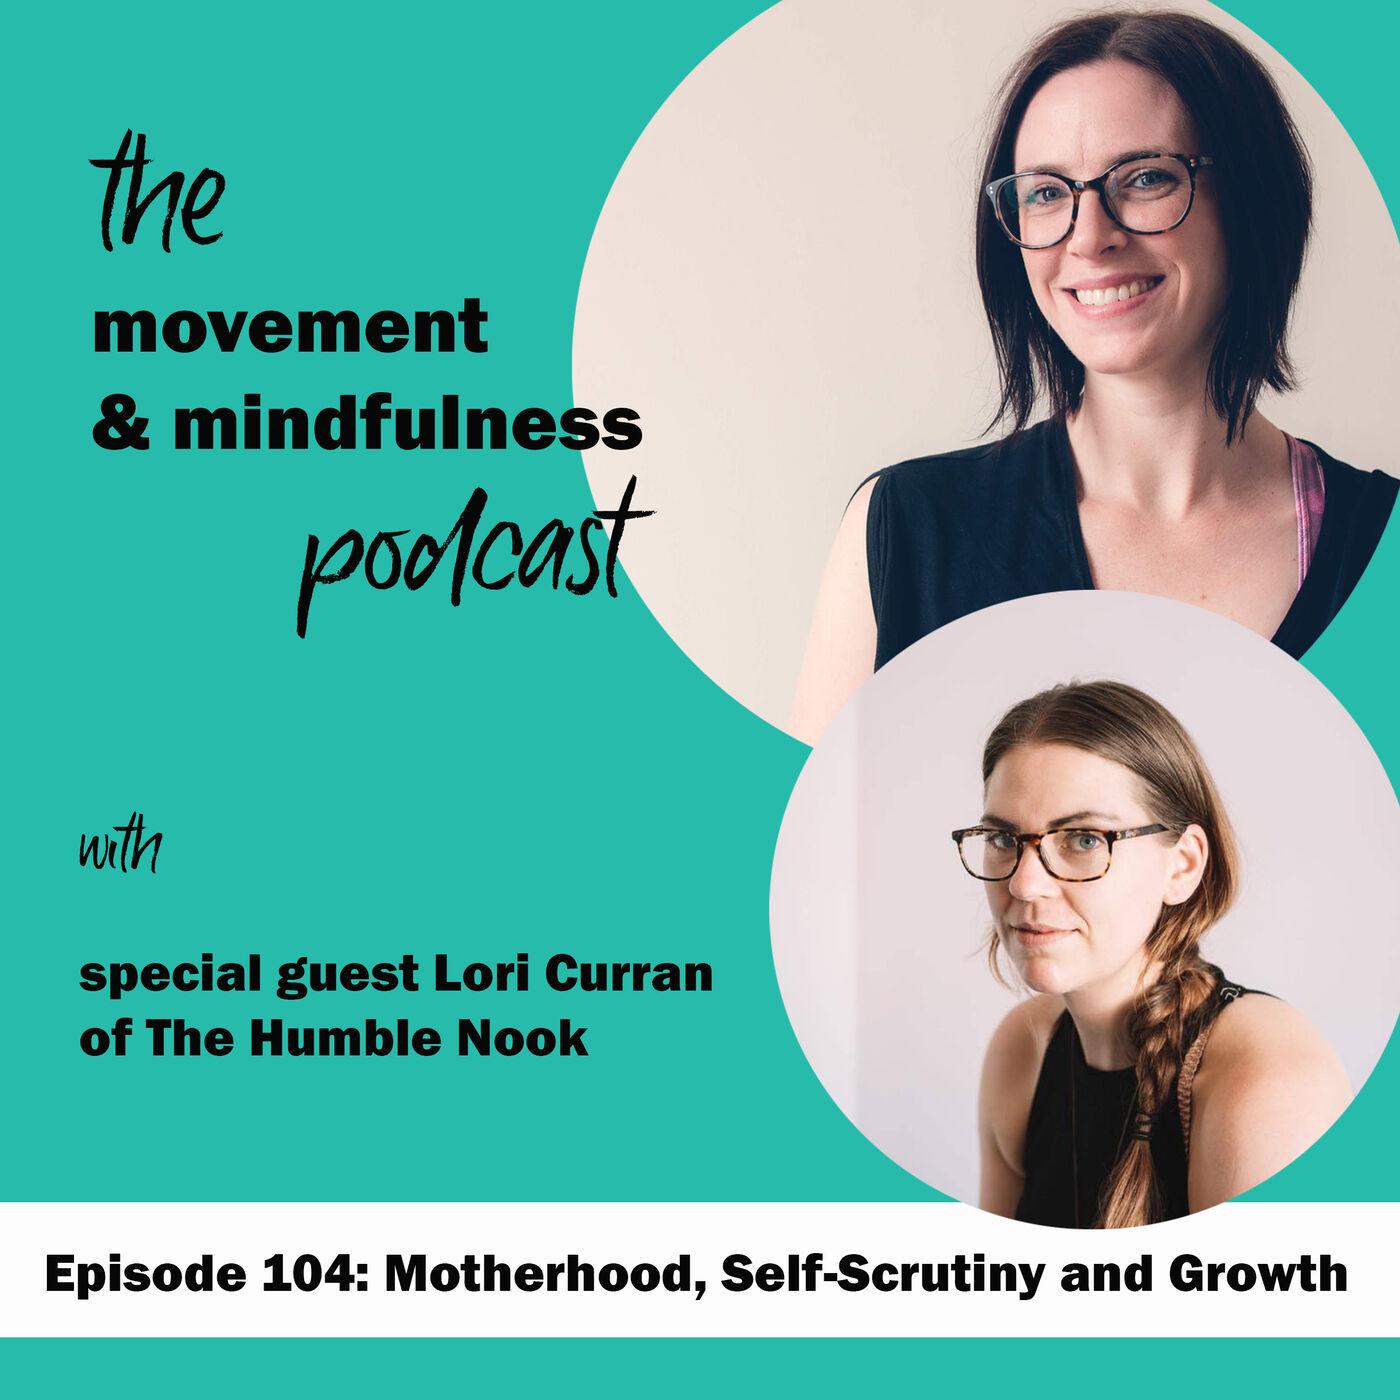 Ep 104: Motherhood, Self-Scrutiny and Growth with Lori Curran